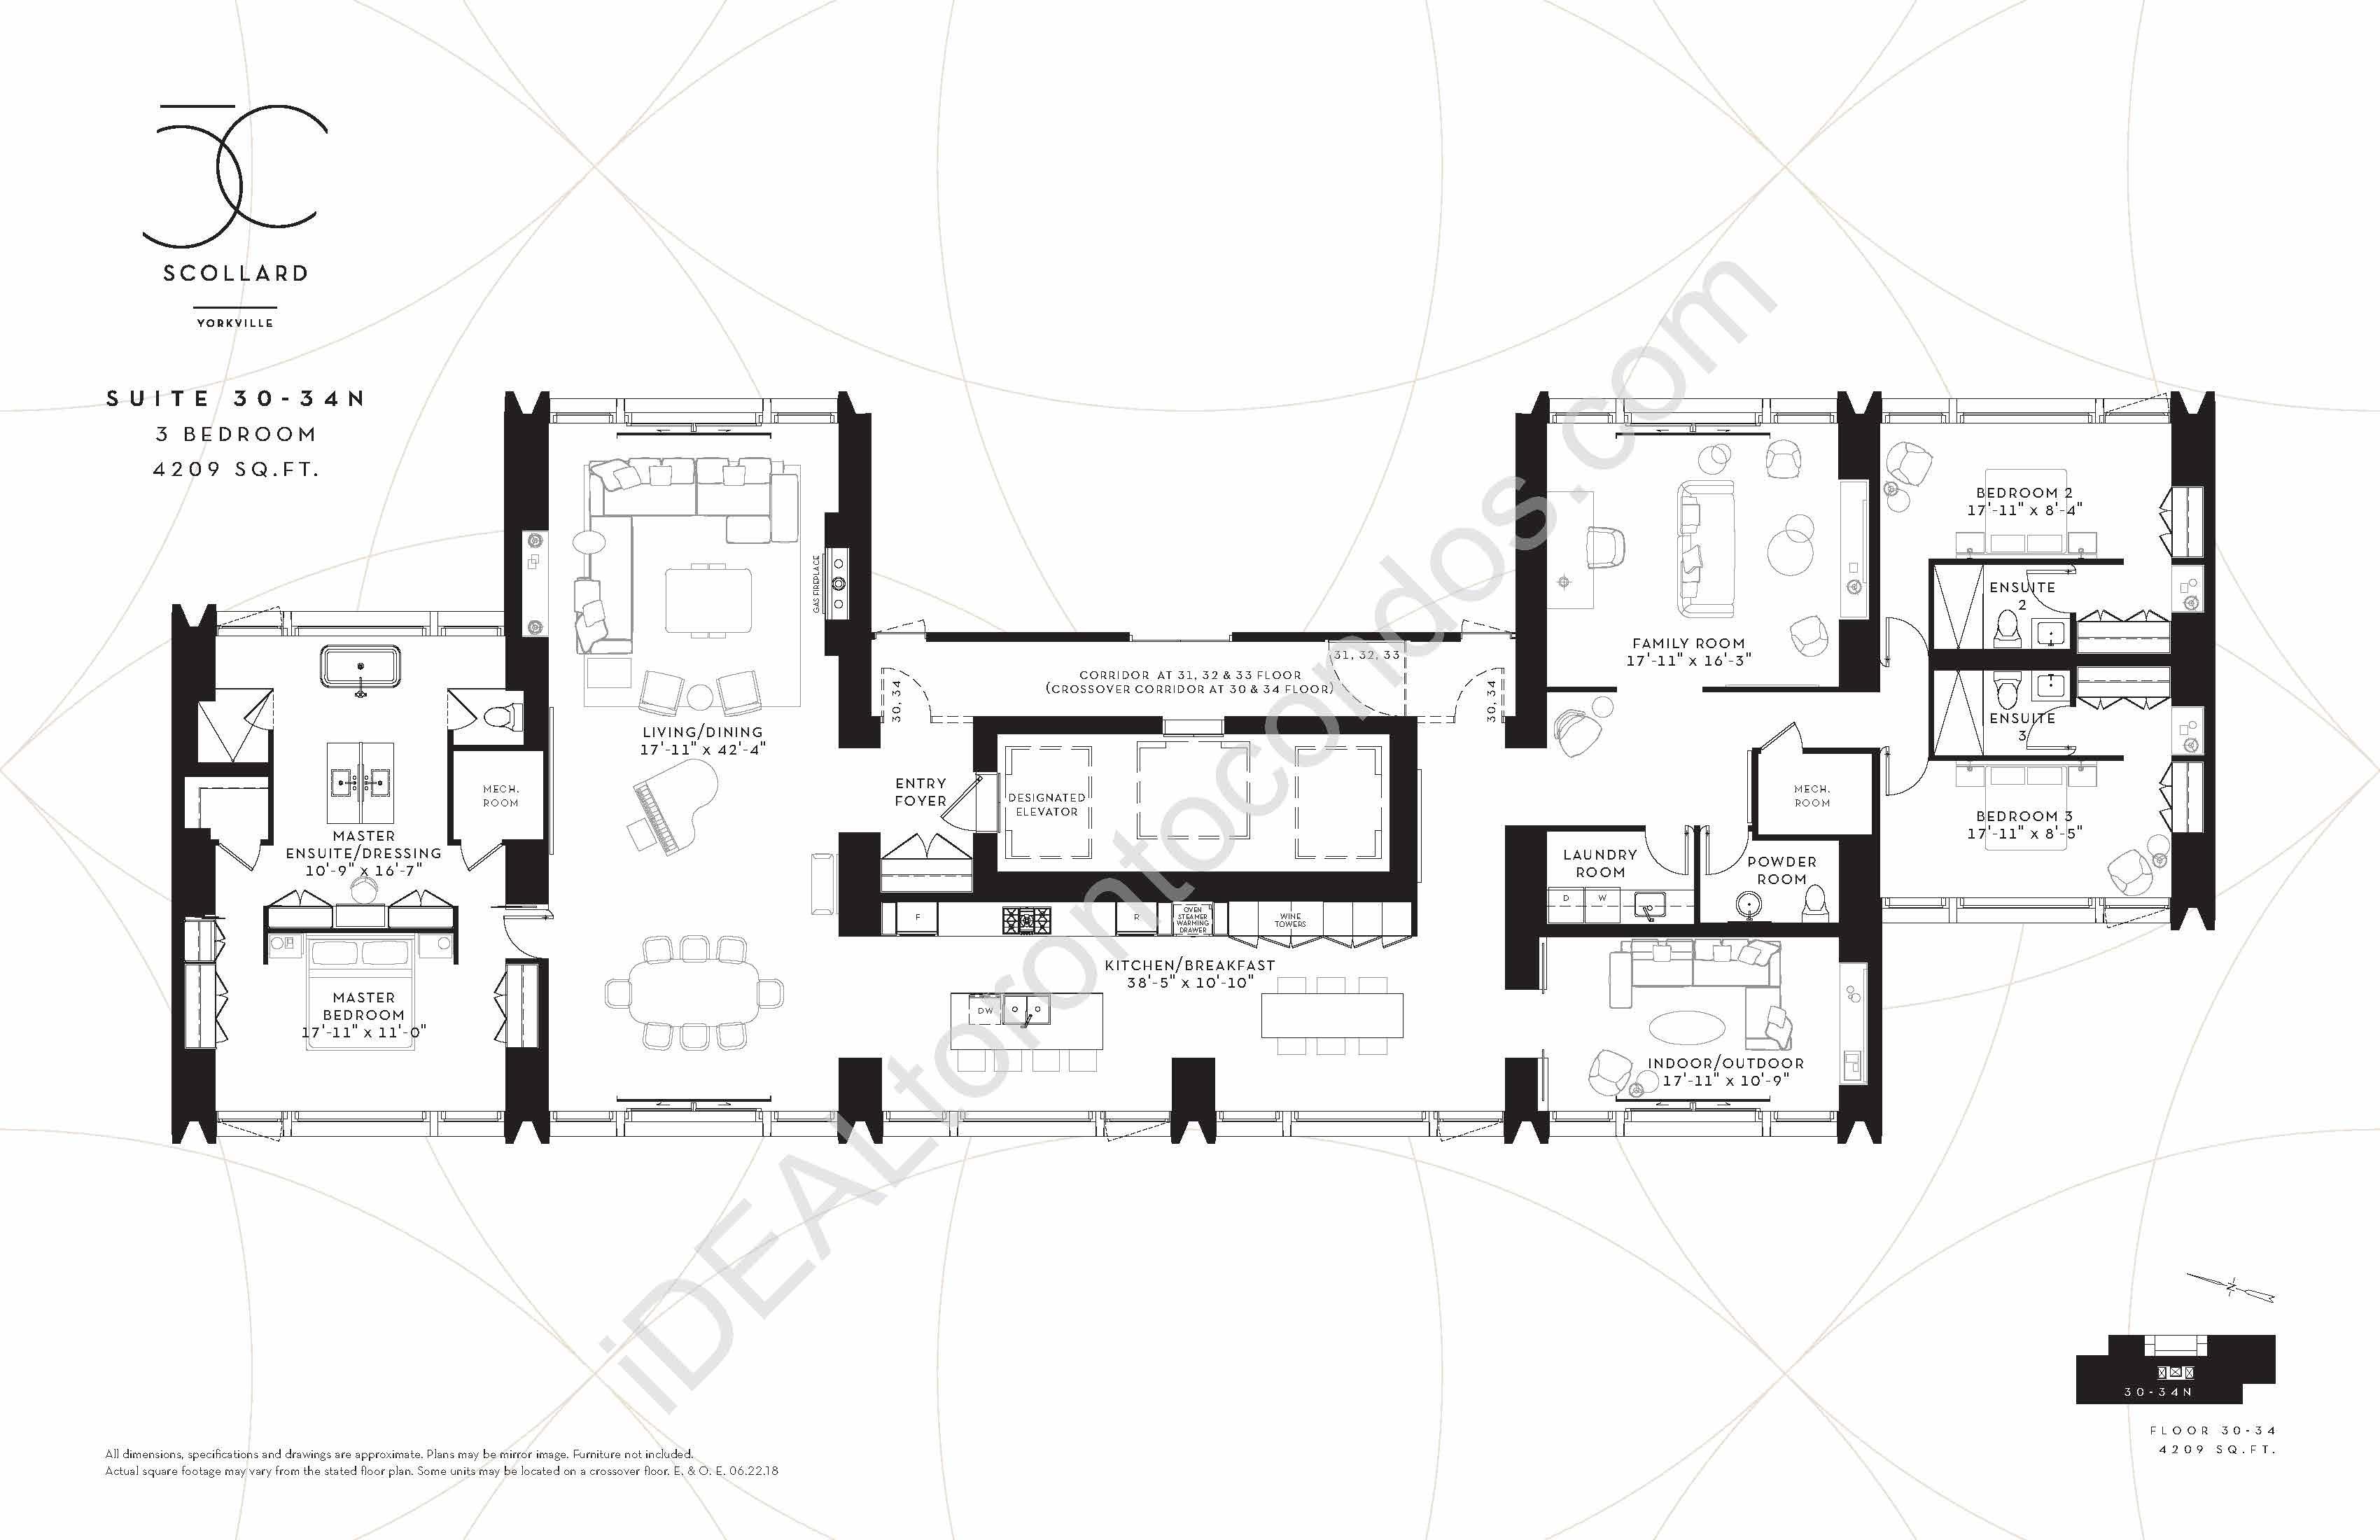 Suite 30-34 N | 3 Bedroom